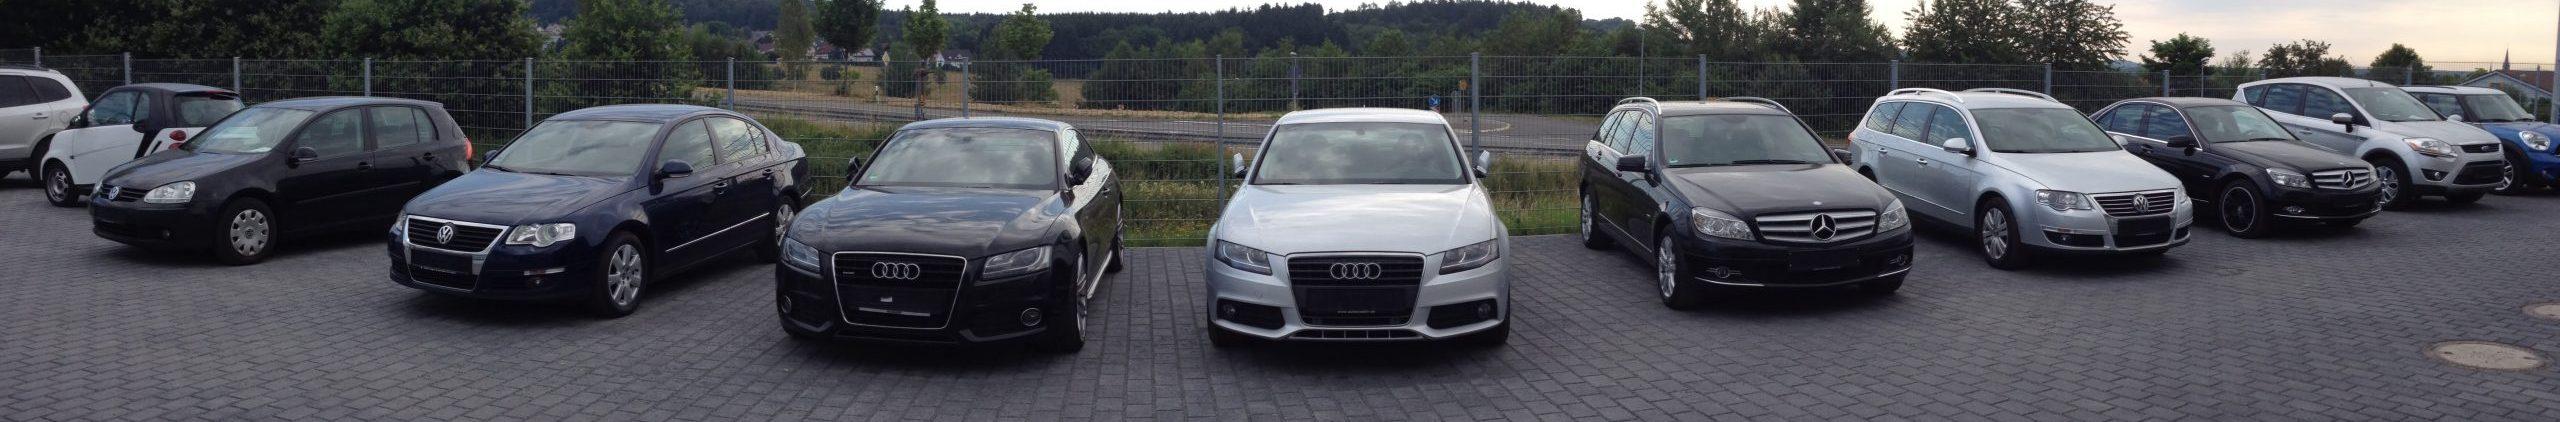 GutenVAG — Заказ авто из Германии